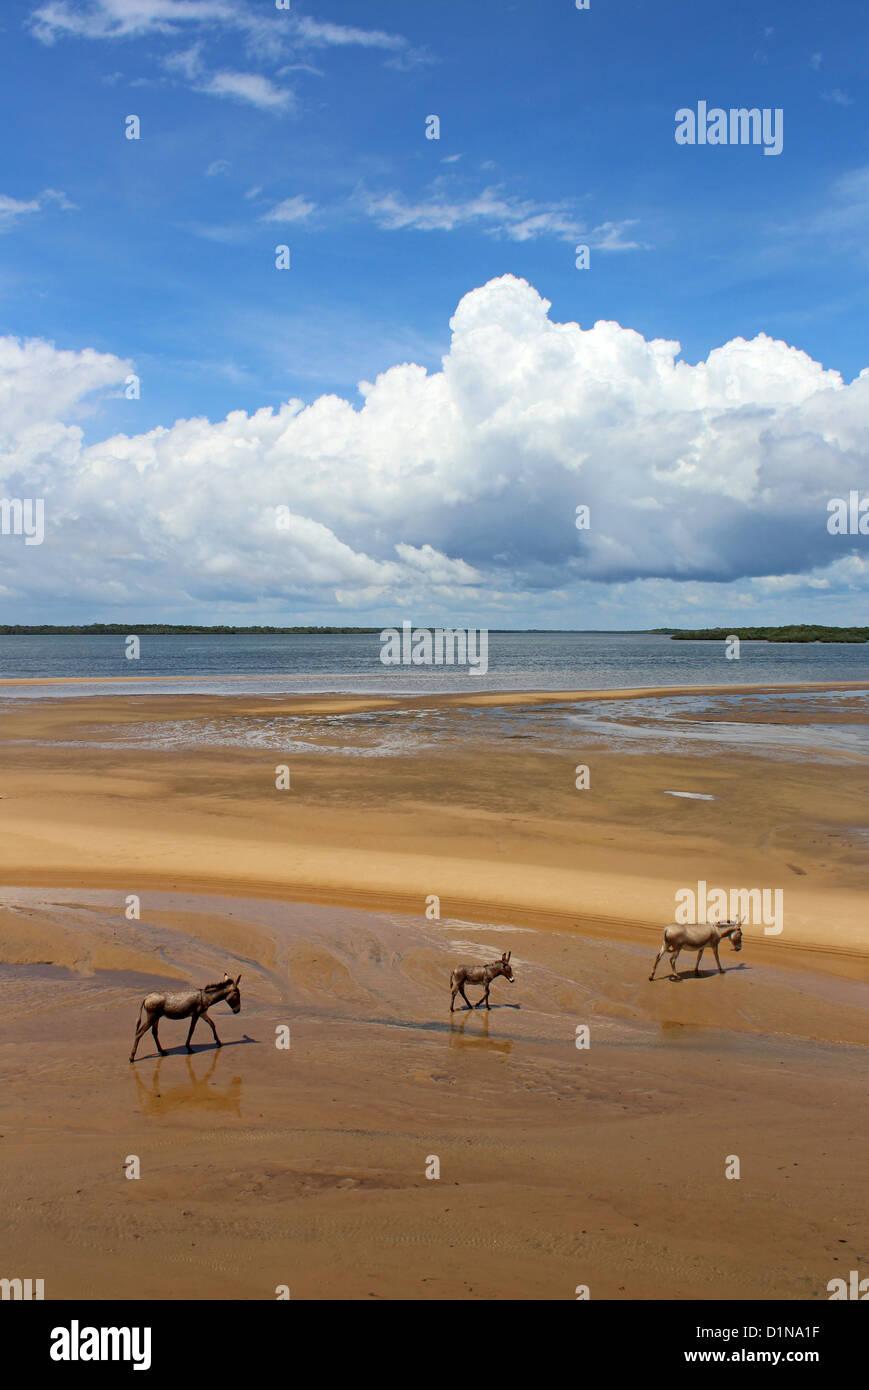 Donkey family on the beach, Lamu Island, Kenya, East Africa - Stock Image